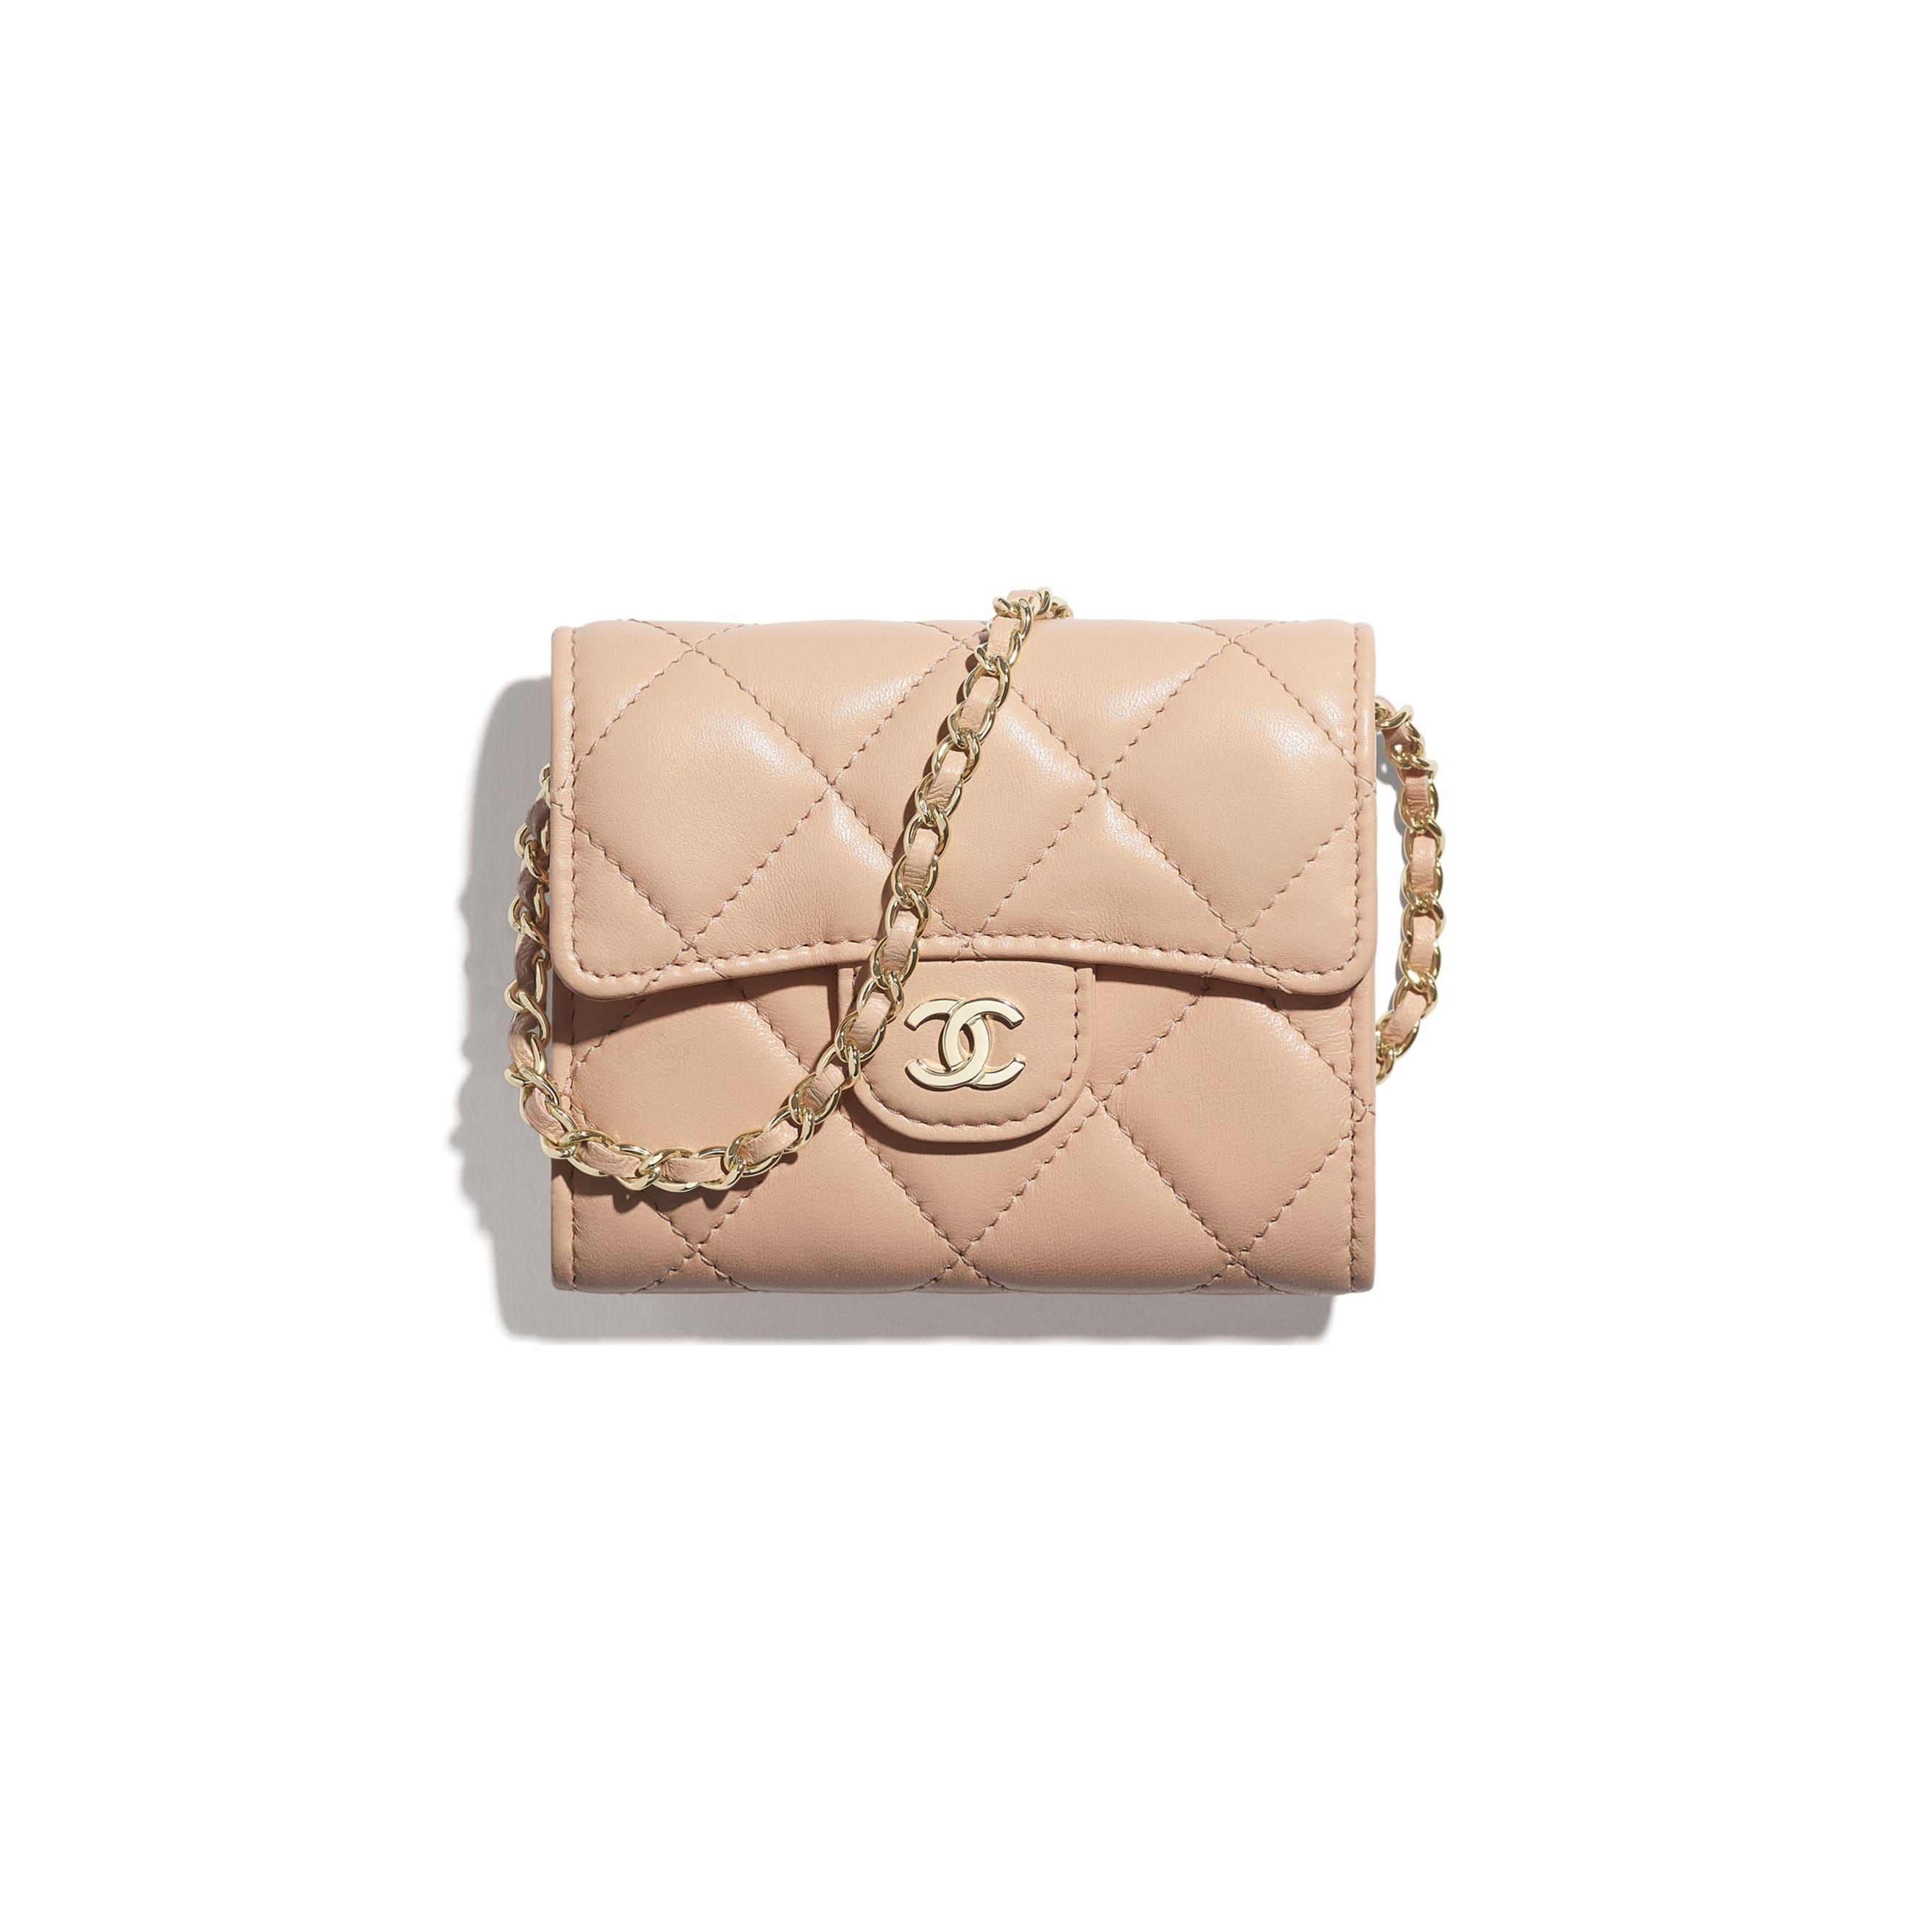 Clutch con catena classica - Rosa chiaro - Pelle di agnello & metallo effetto dorato - CHANEL - Immagine predefinita - vedere versione standard